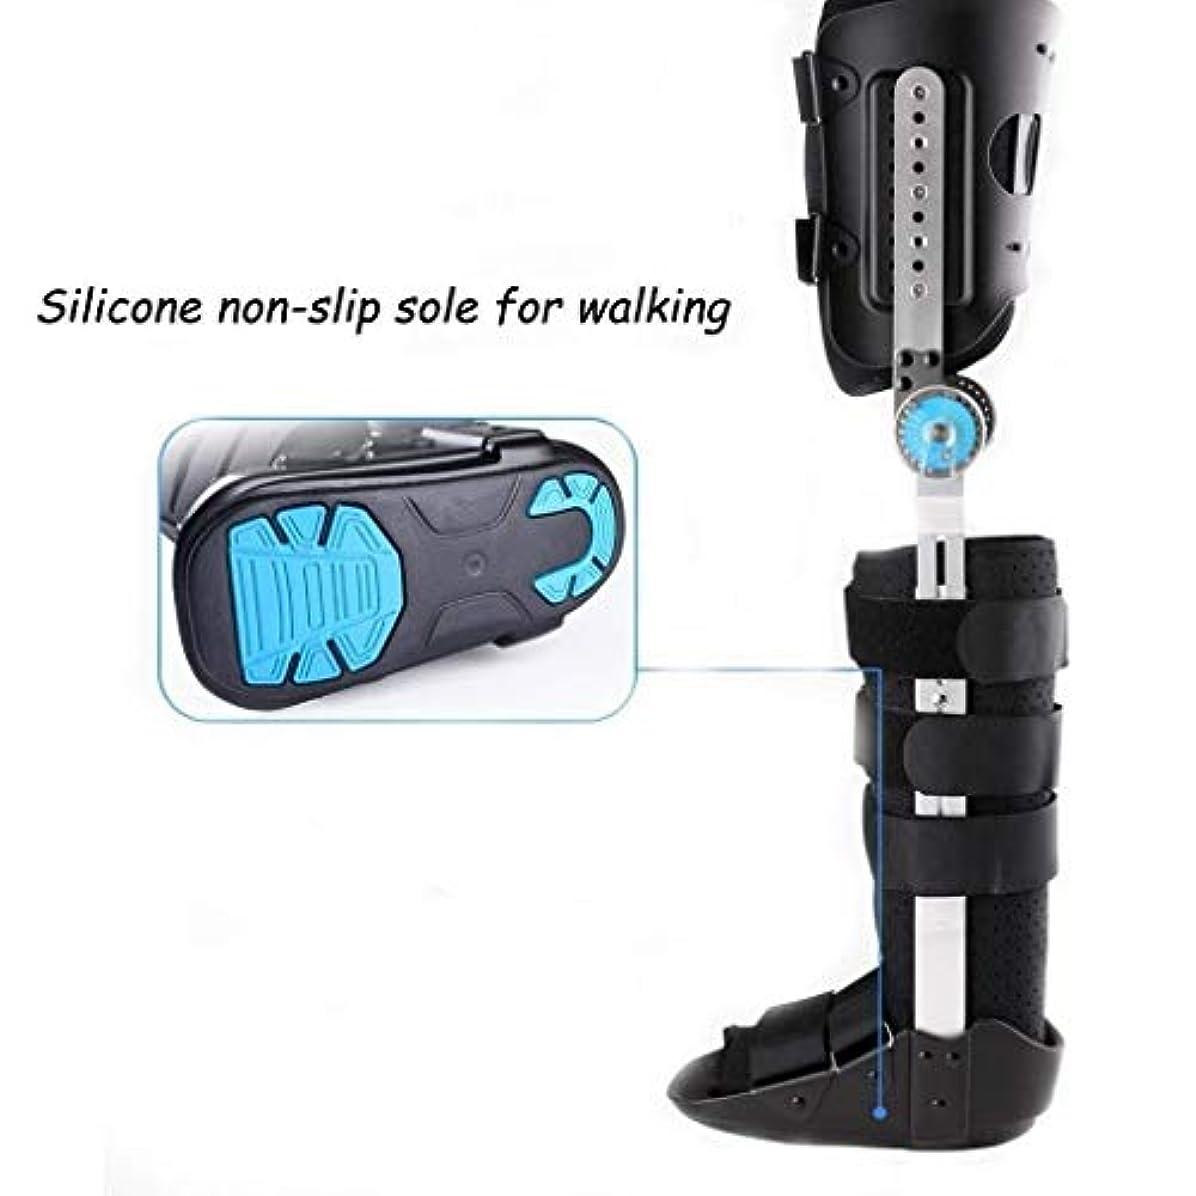 億霧創造膝ブレースヒンジ付きヒンジスタビライザー膝関節サポート装具靭帯ケア膝ブレースプロテクター関節炎、術後、メニスカスティア、ACL、MCL、PCL (Color : As Picture, Size : Right-M)